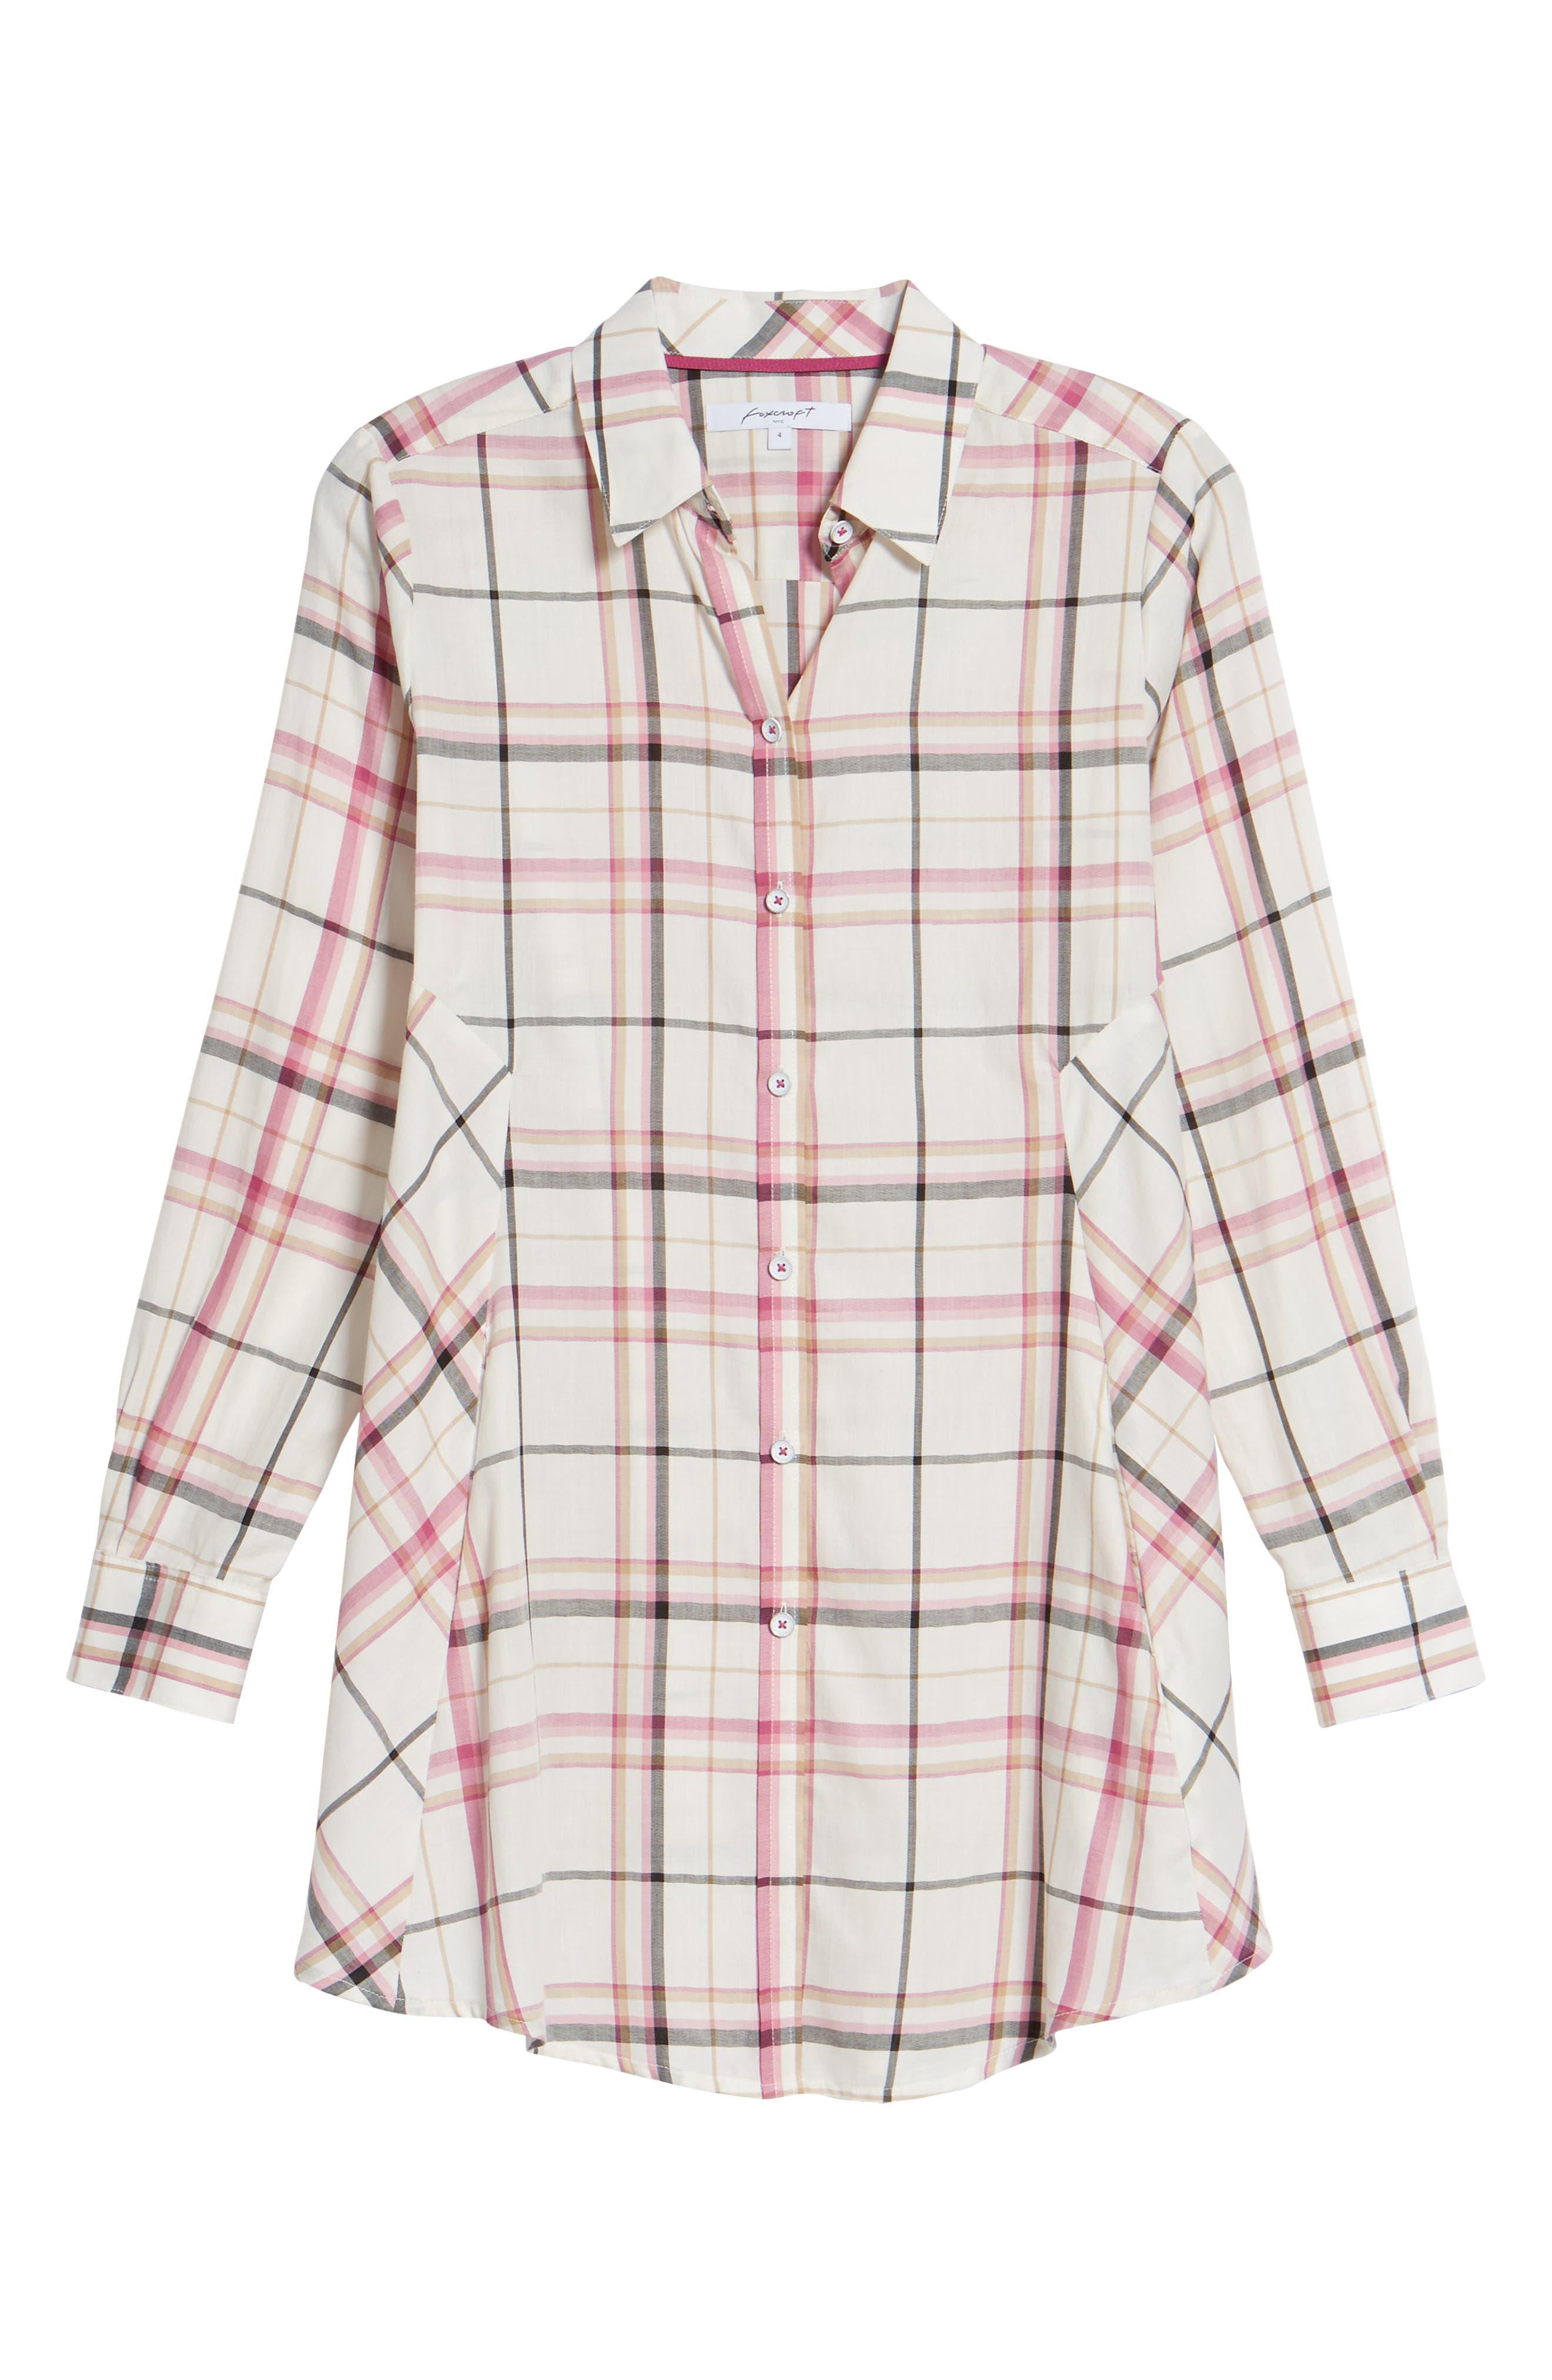 Cici Plaid Shirt,                         Main,                         color, Roseberry Plaid